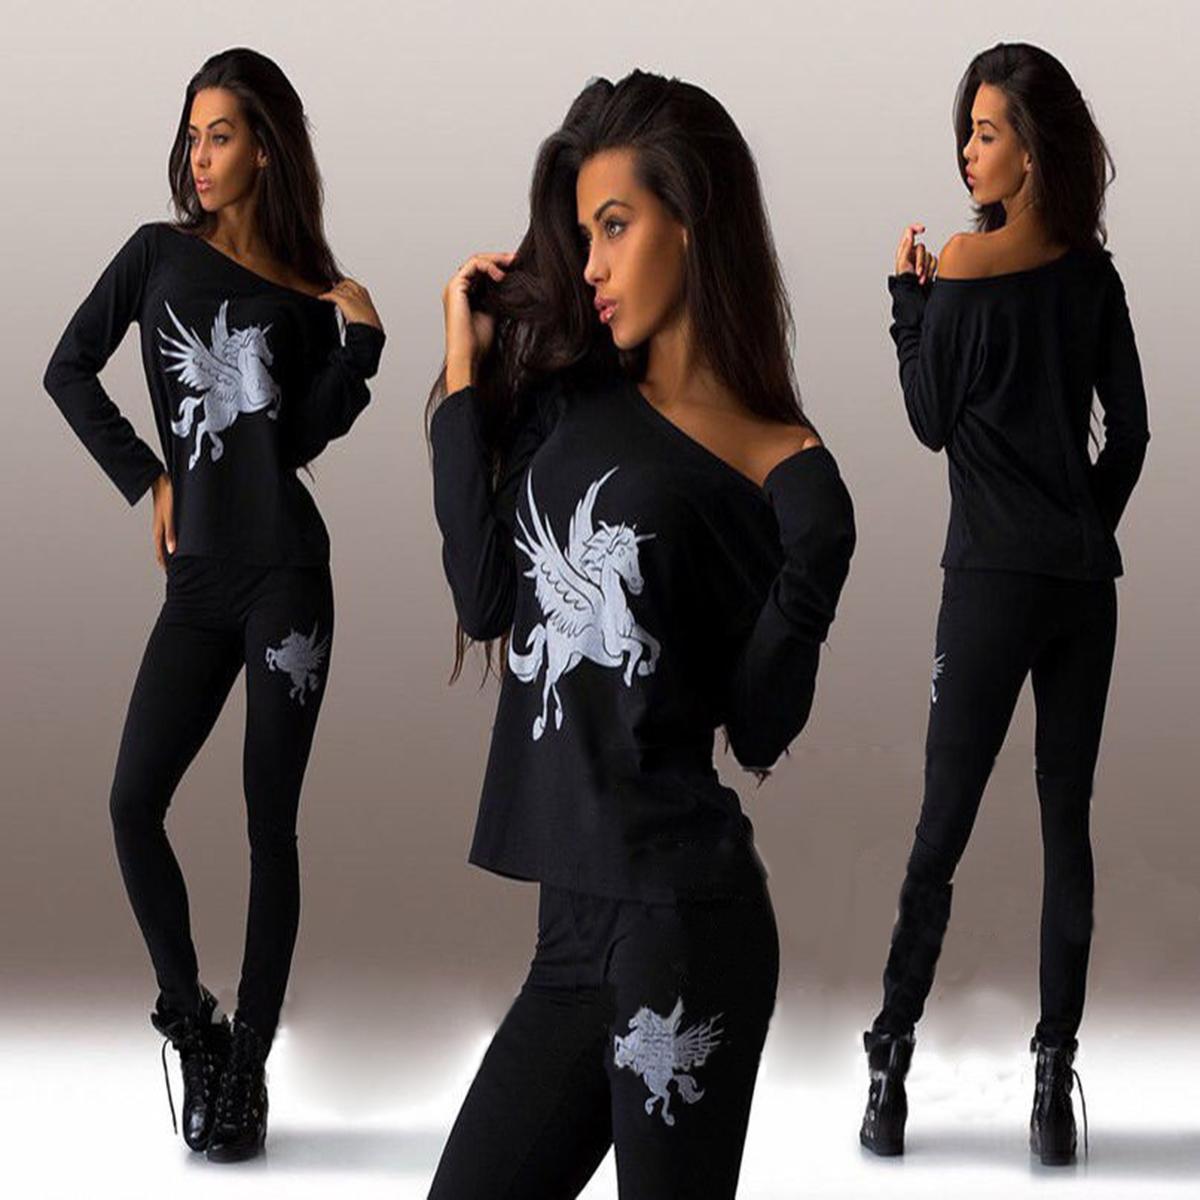 к 2015 году новые европейские модные тенденции в области внешней торговли Pegasus печати горизонтальной шеи футболки + брюки костюмы KF750